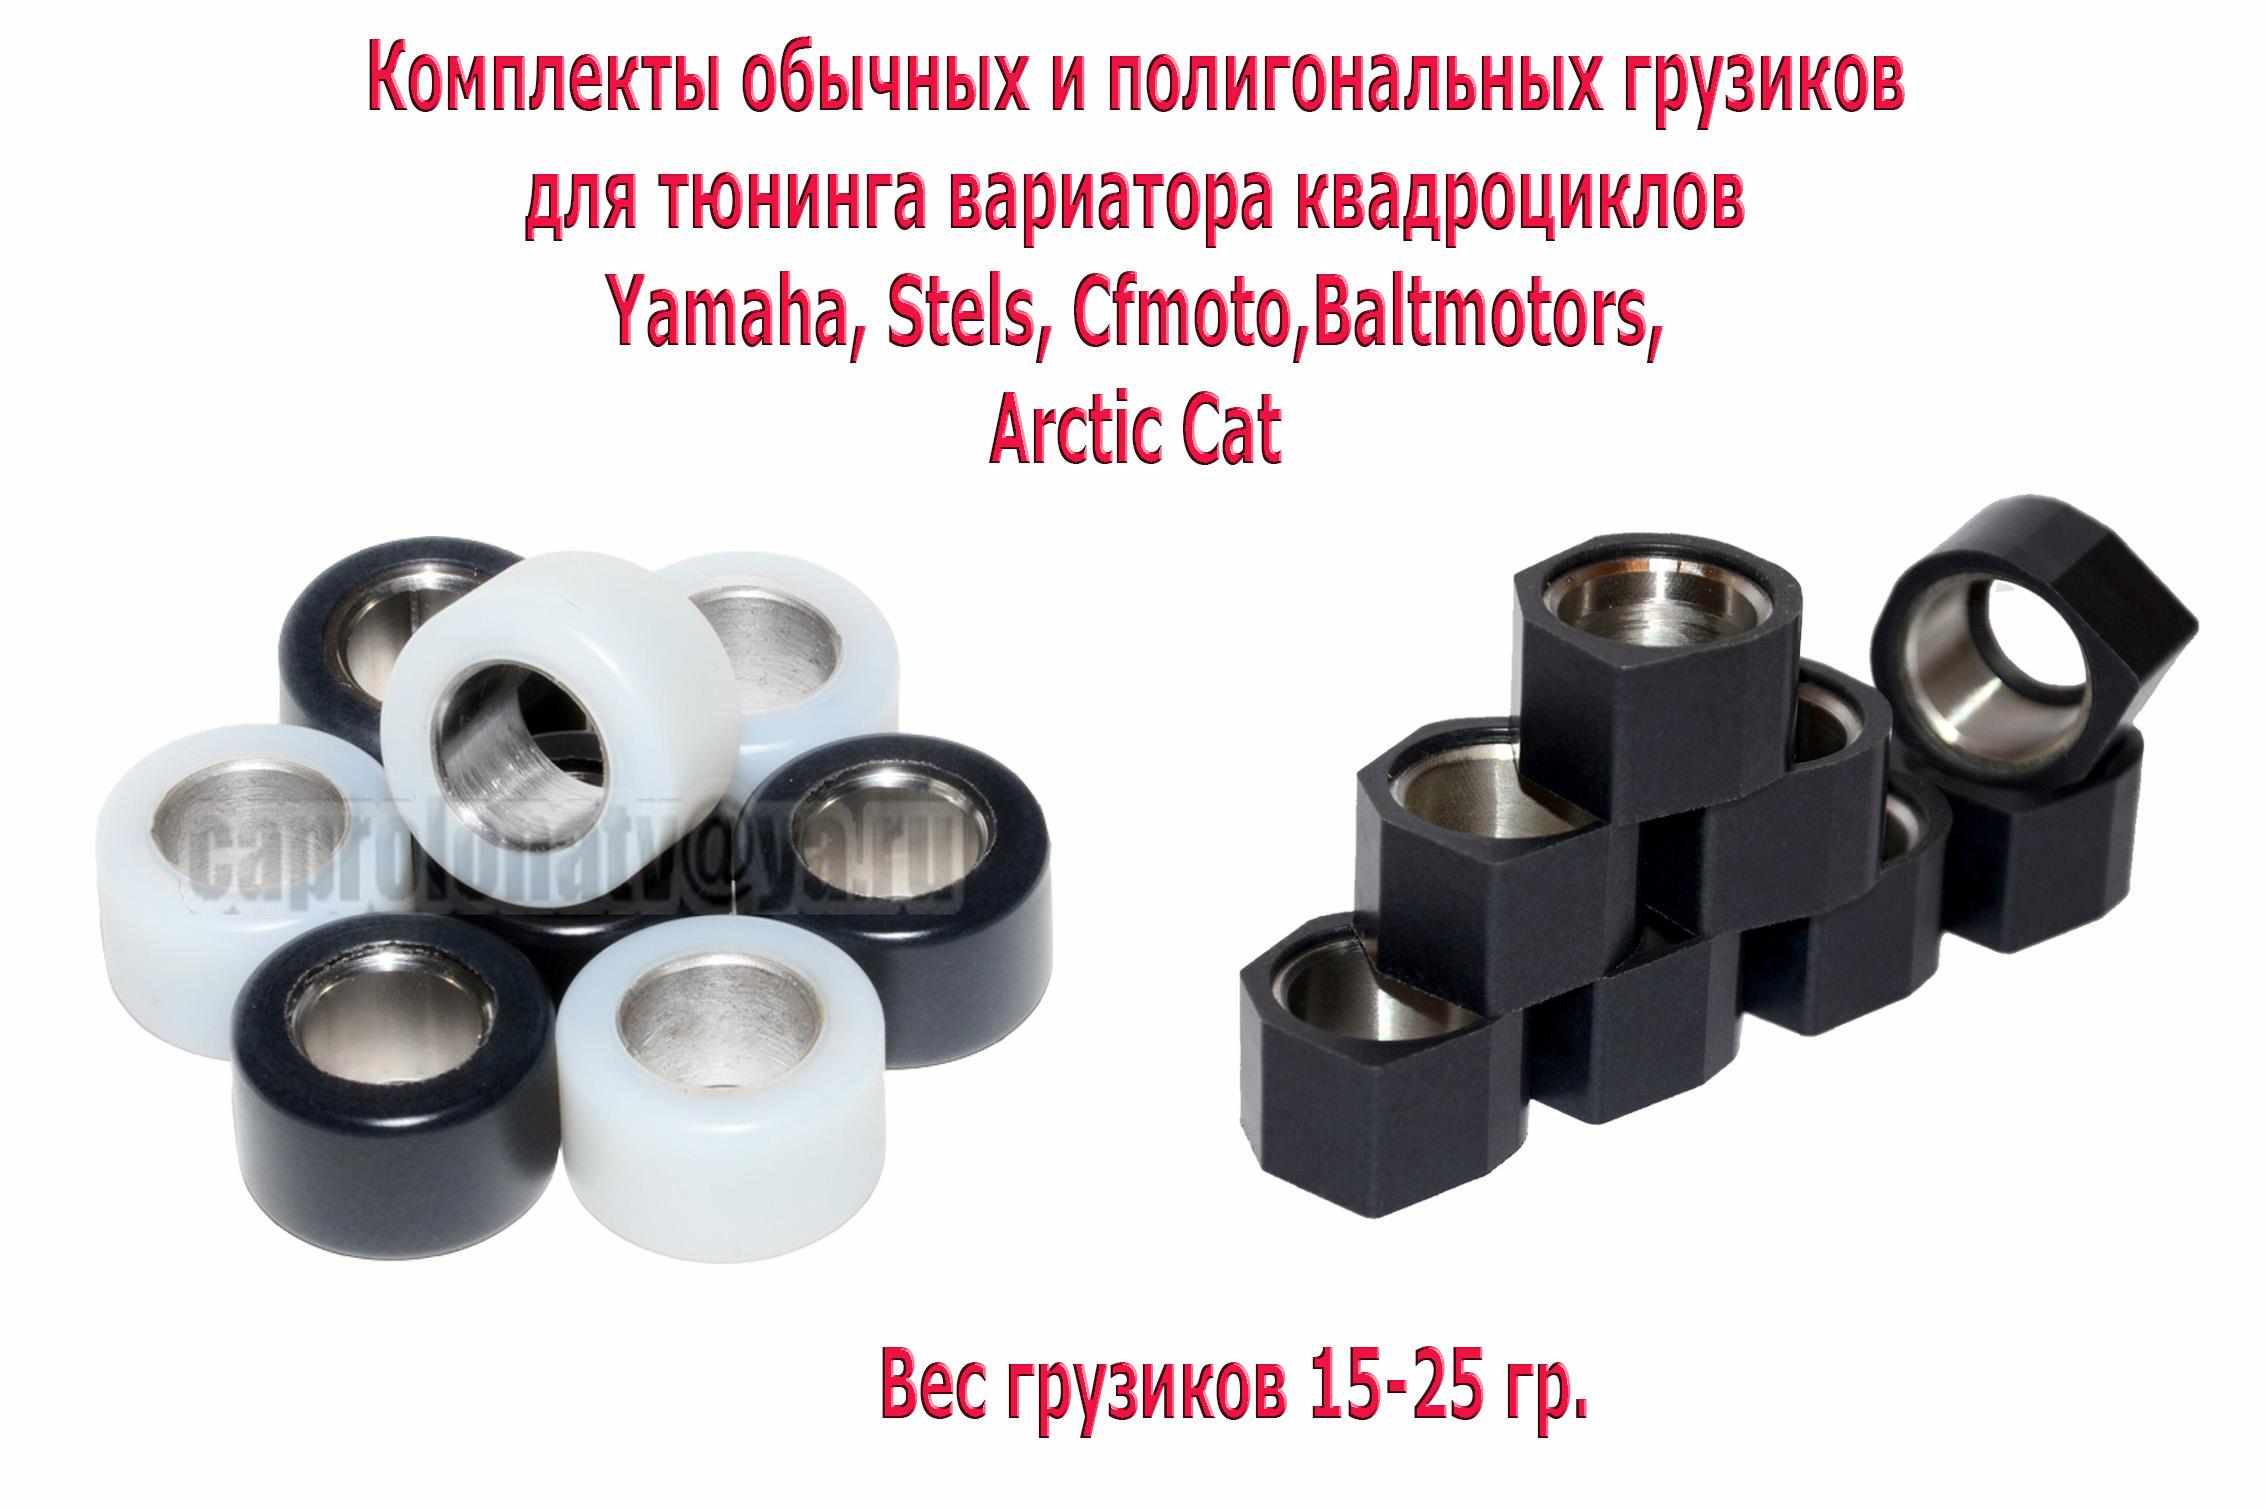 ГРУЗИКИ ВАРИАТОРАARCTIC CAT/ CFMOTO/ STELS/ YAMAHA